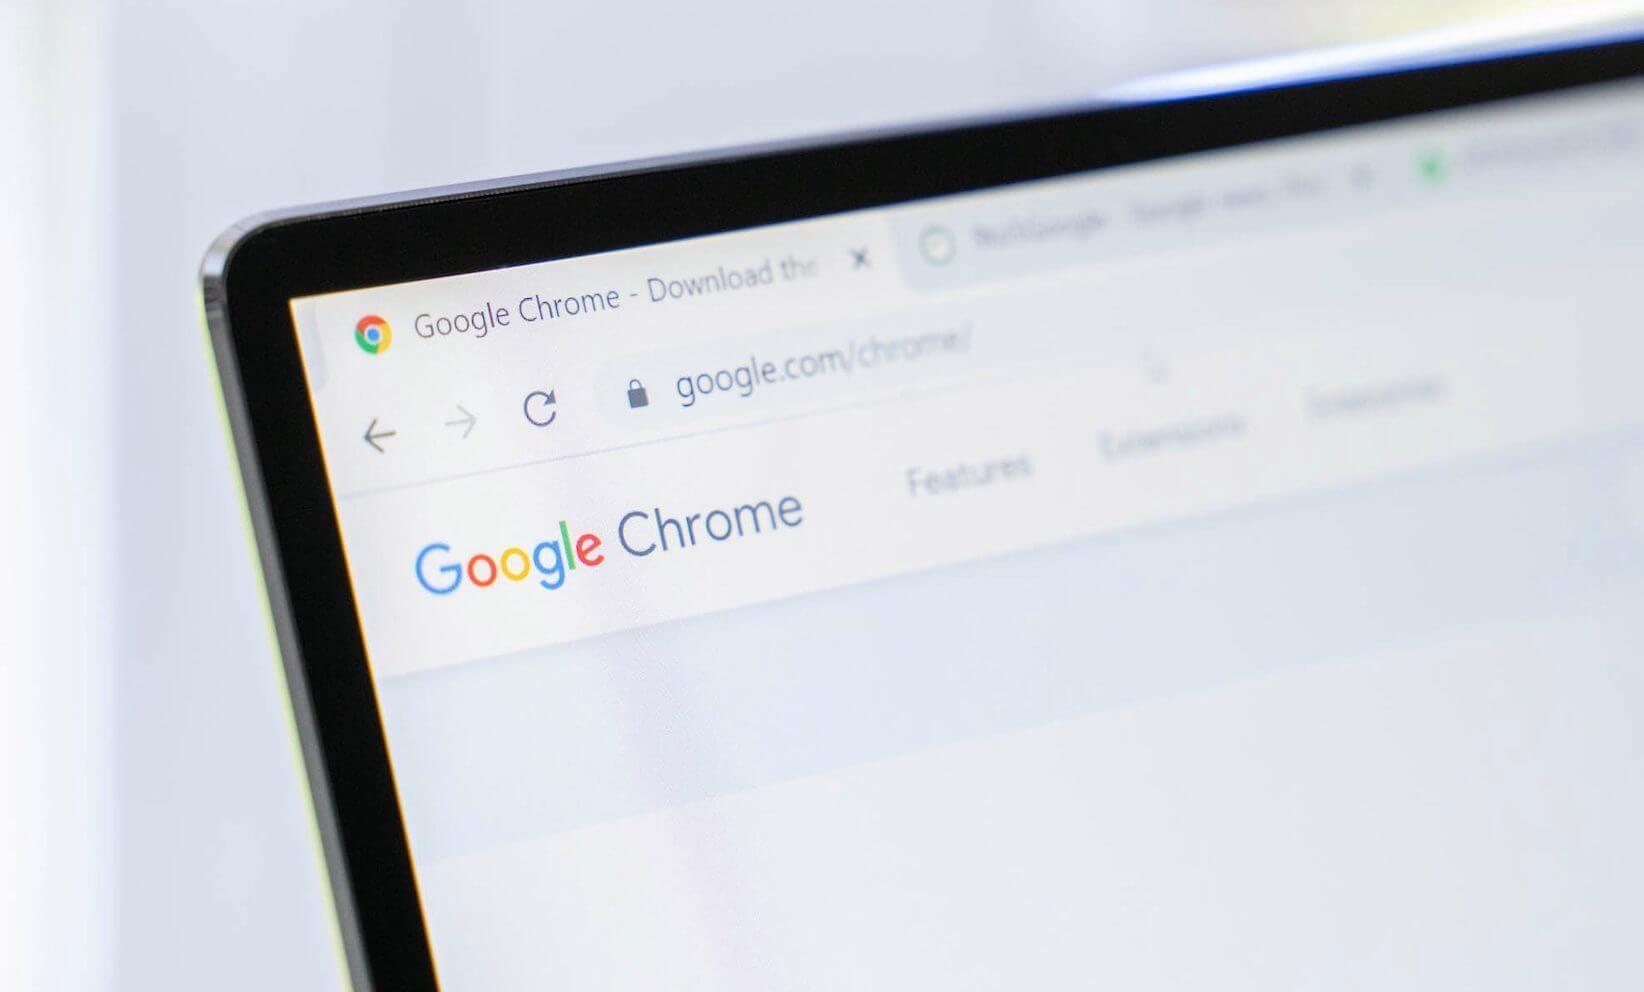 Можно скринить без приложений: Google введет новую функцию для Chrome - Фото 1